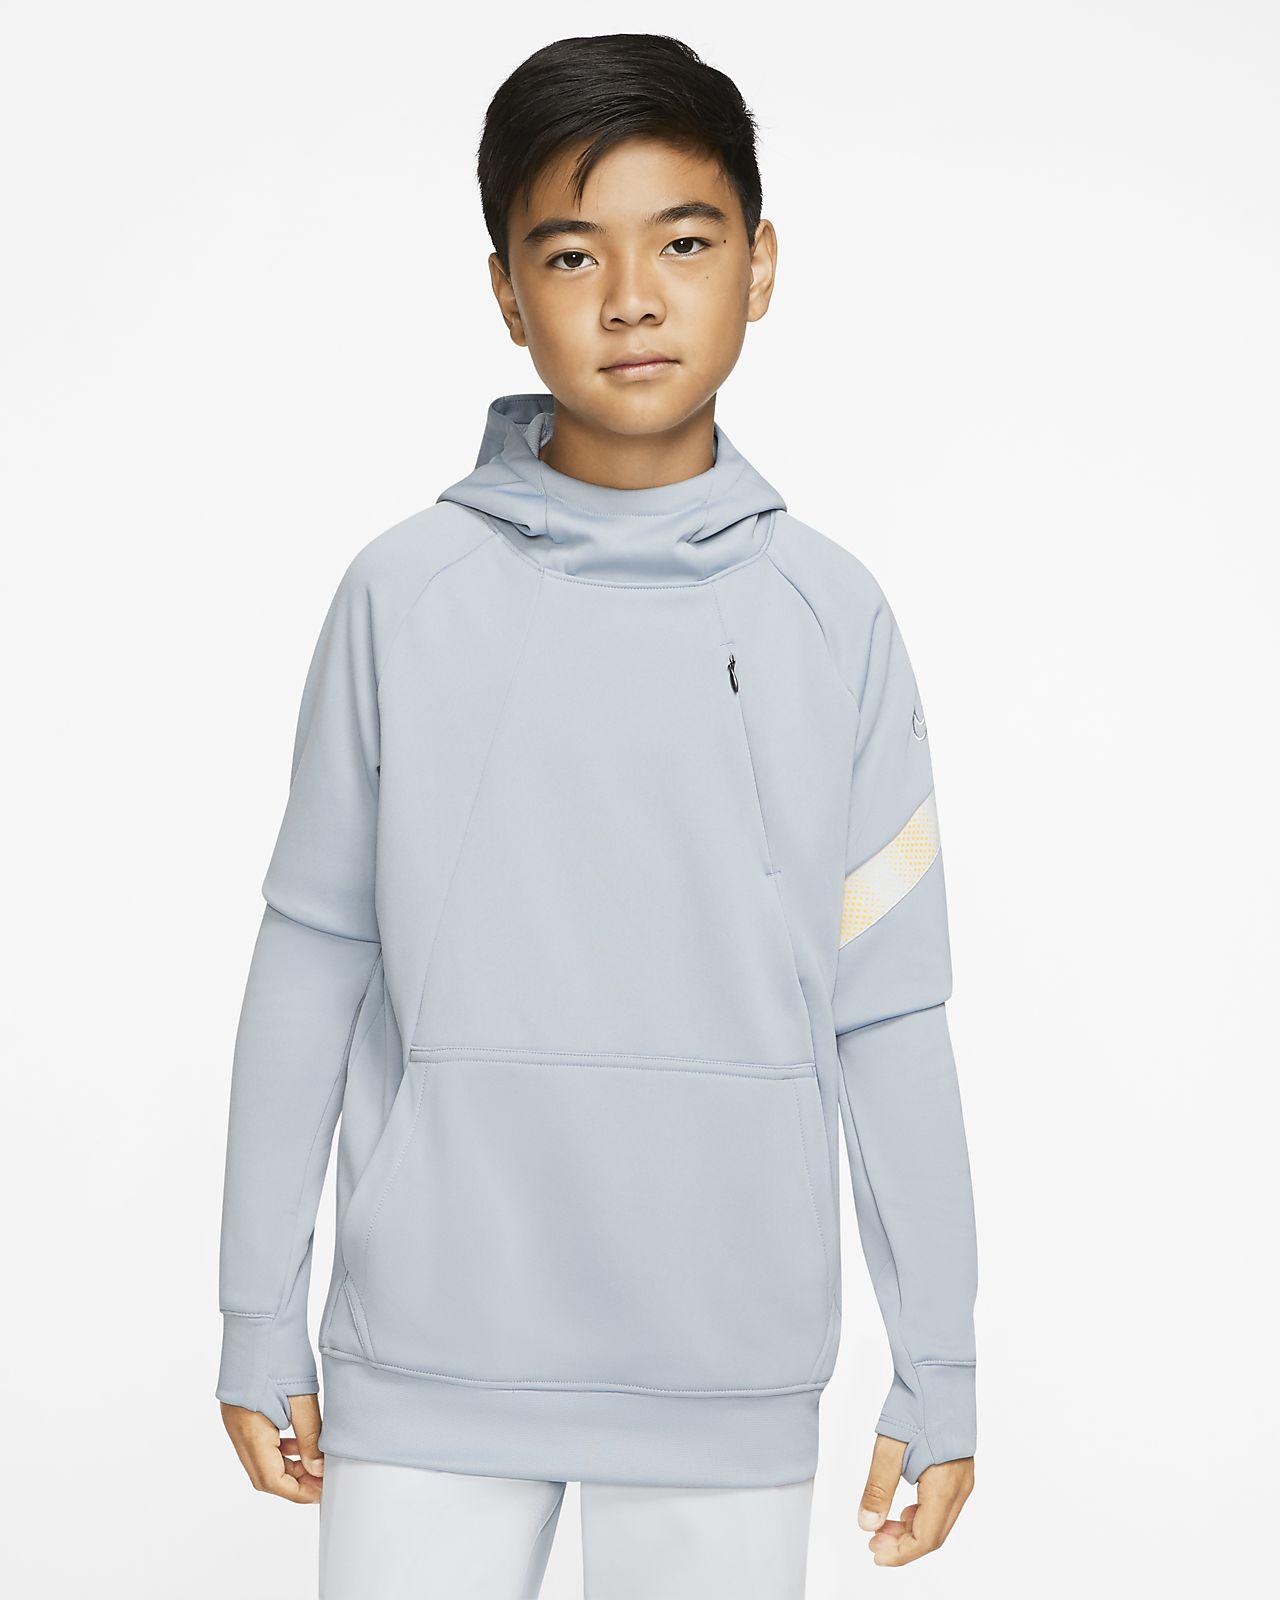 Ποδοσφαιρική μπλούζα με κουκούλα Nike Dri-FIT Academy Pro για μεγάλα αγόρια